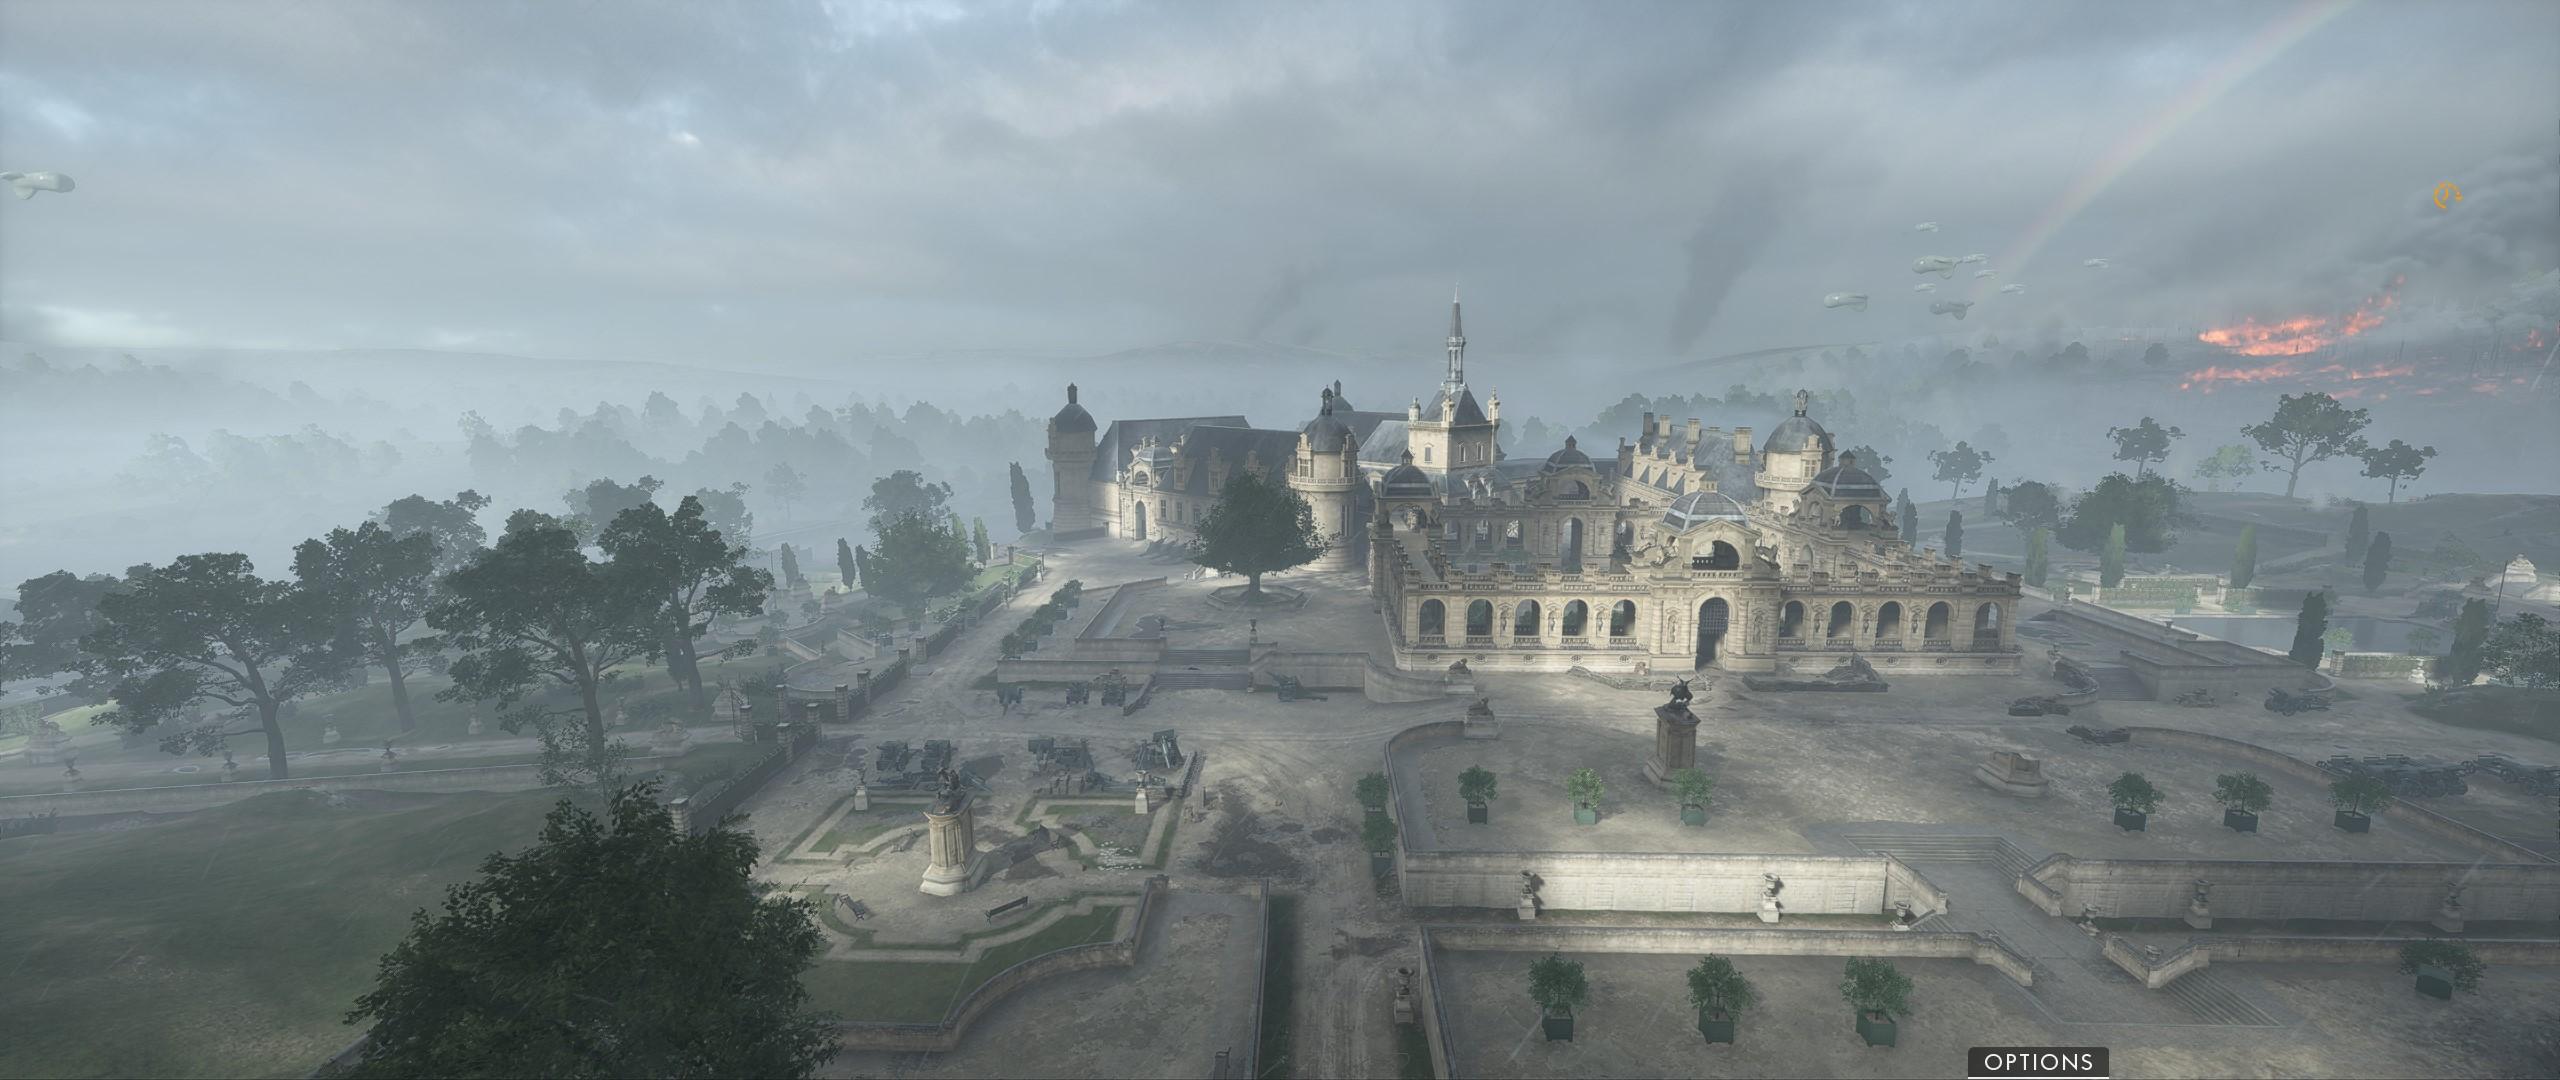 chateau (19).jpg